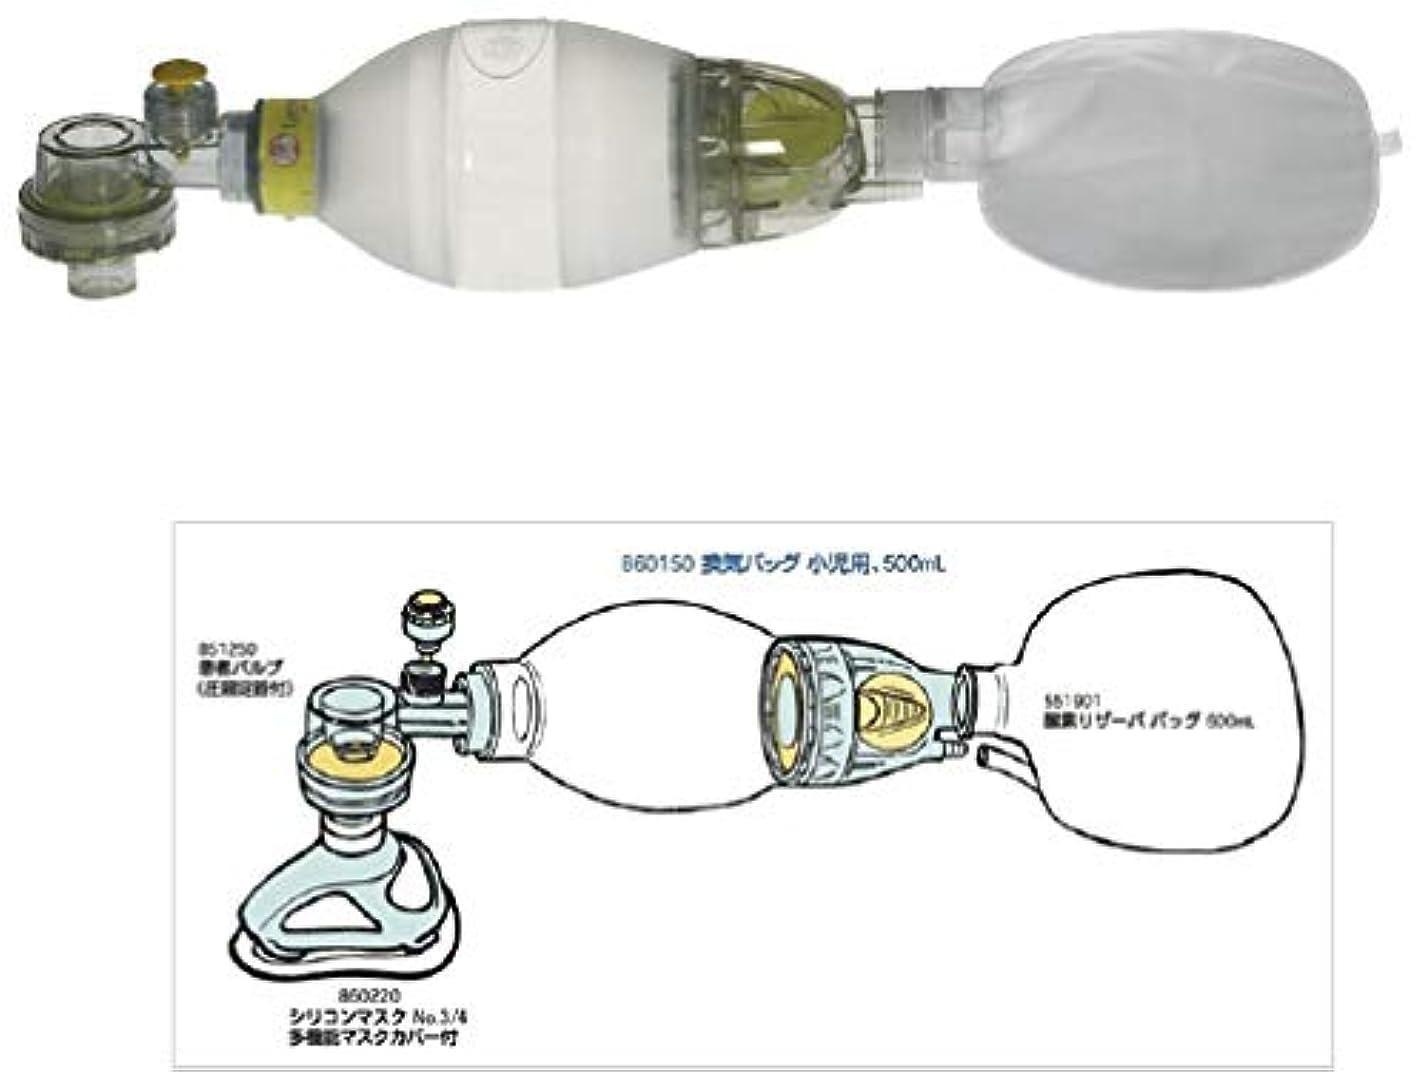 ワイヤー蒸し器しわレールダルメディカルジャパン シリコンレサシテータ 小児用 86005505(コンプリート) 1組